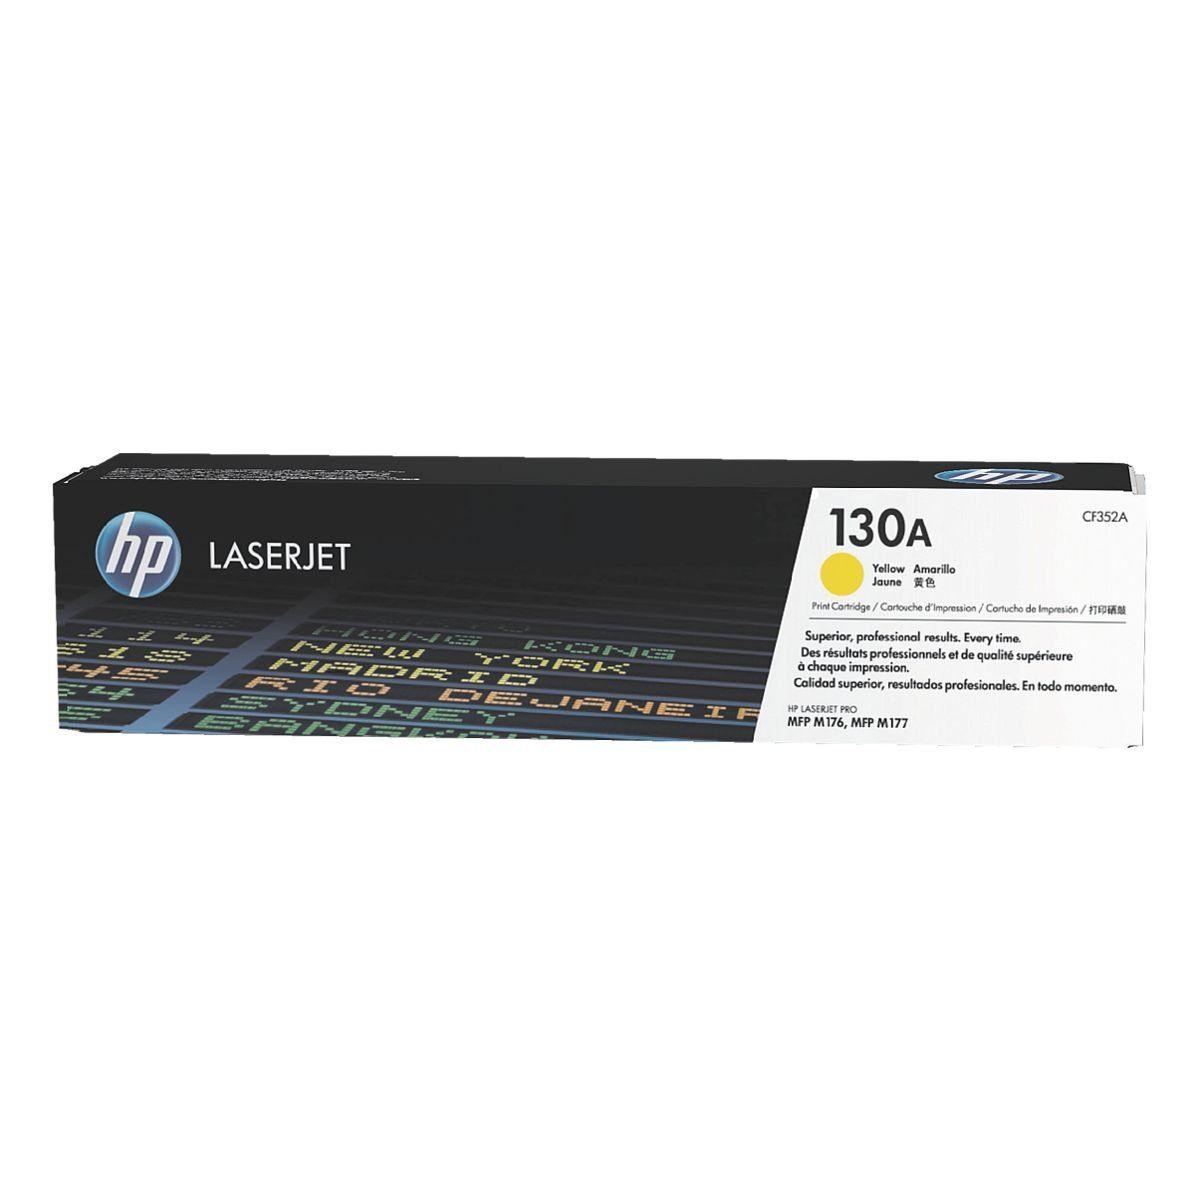 HP Druckkassette 130A »HP CF352A«